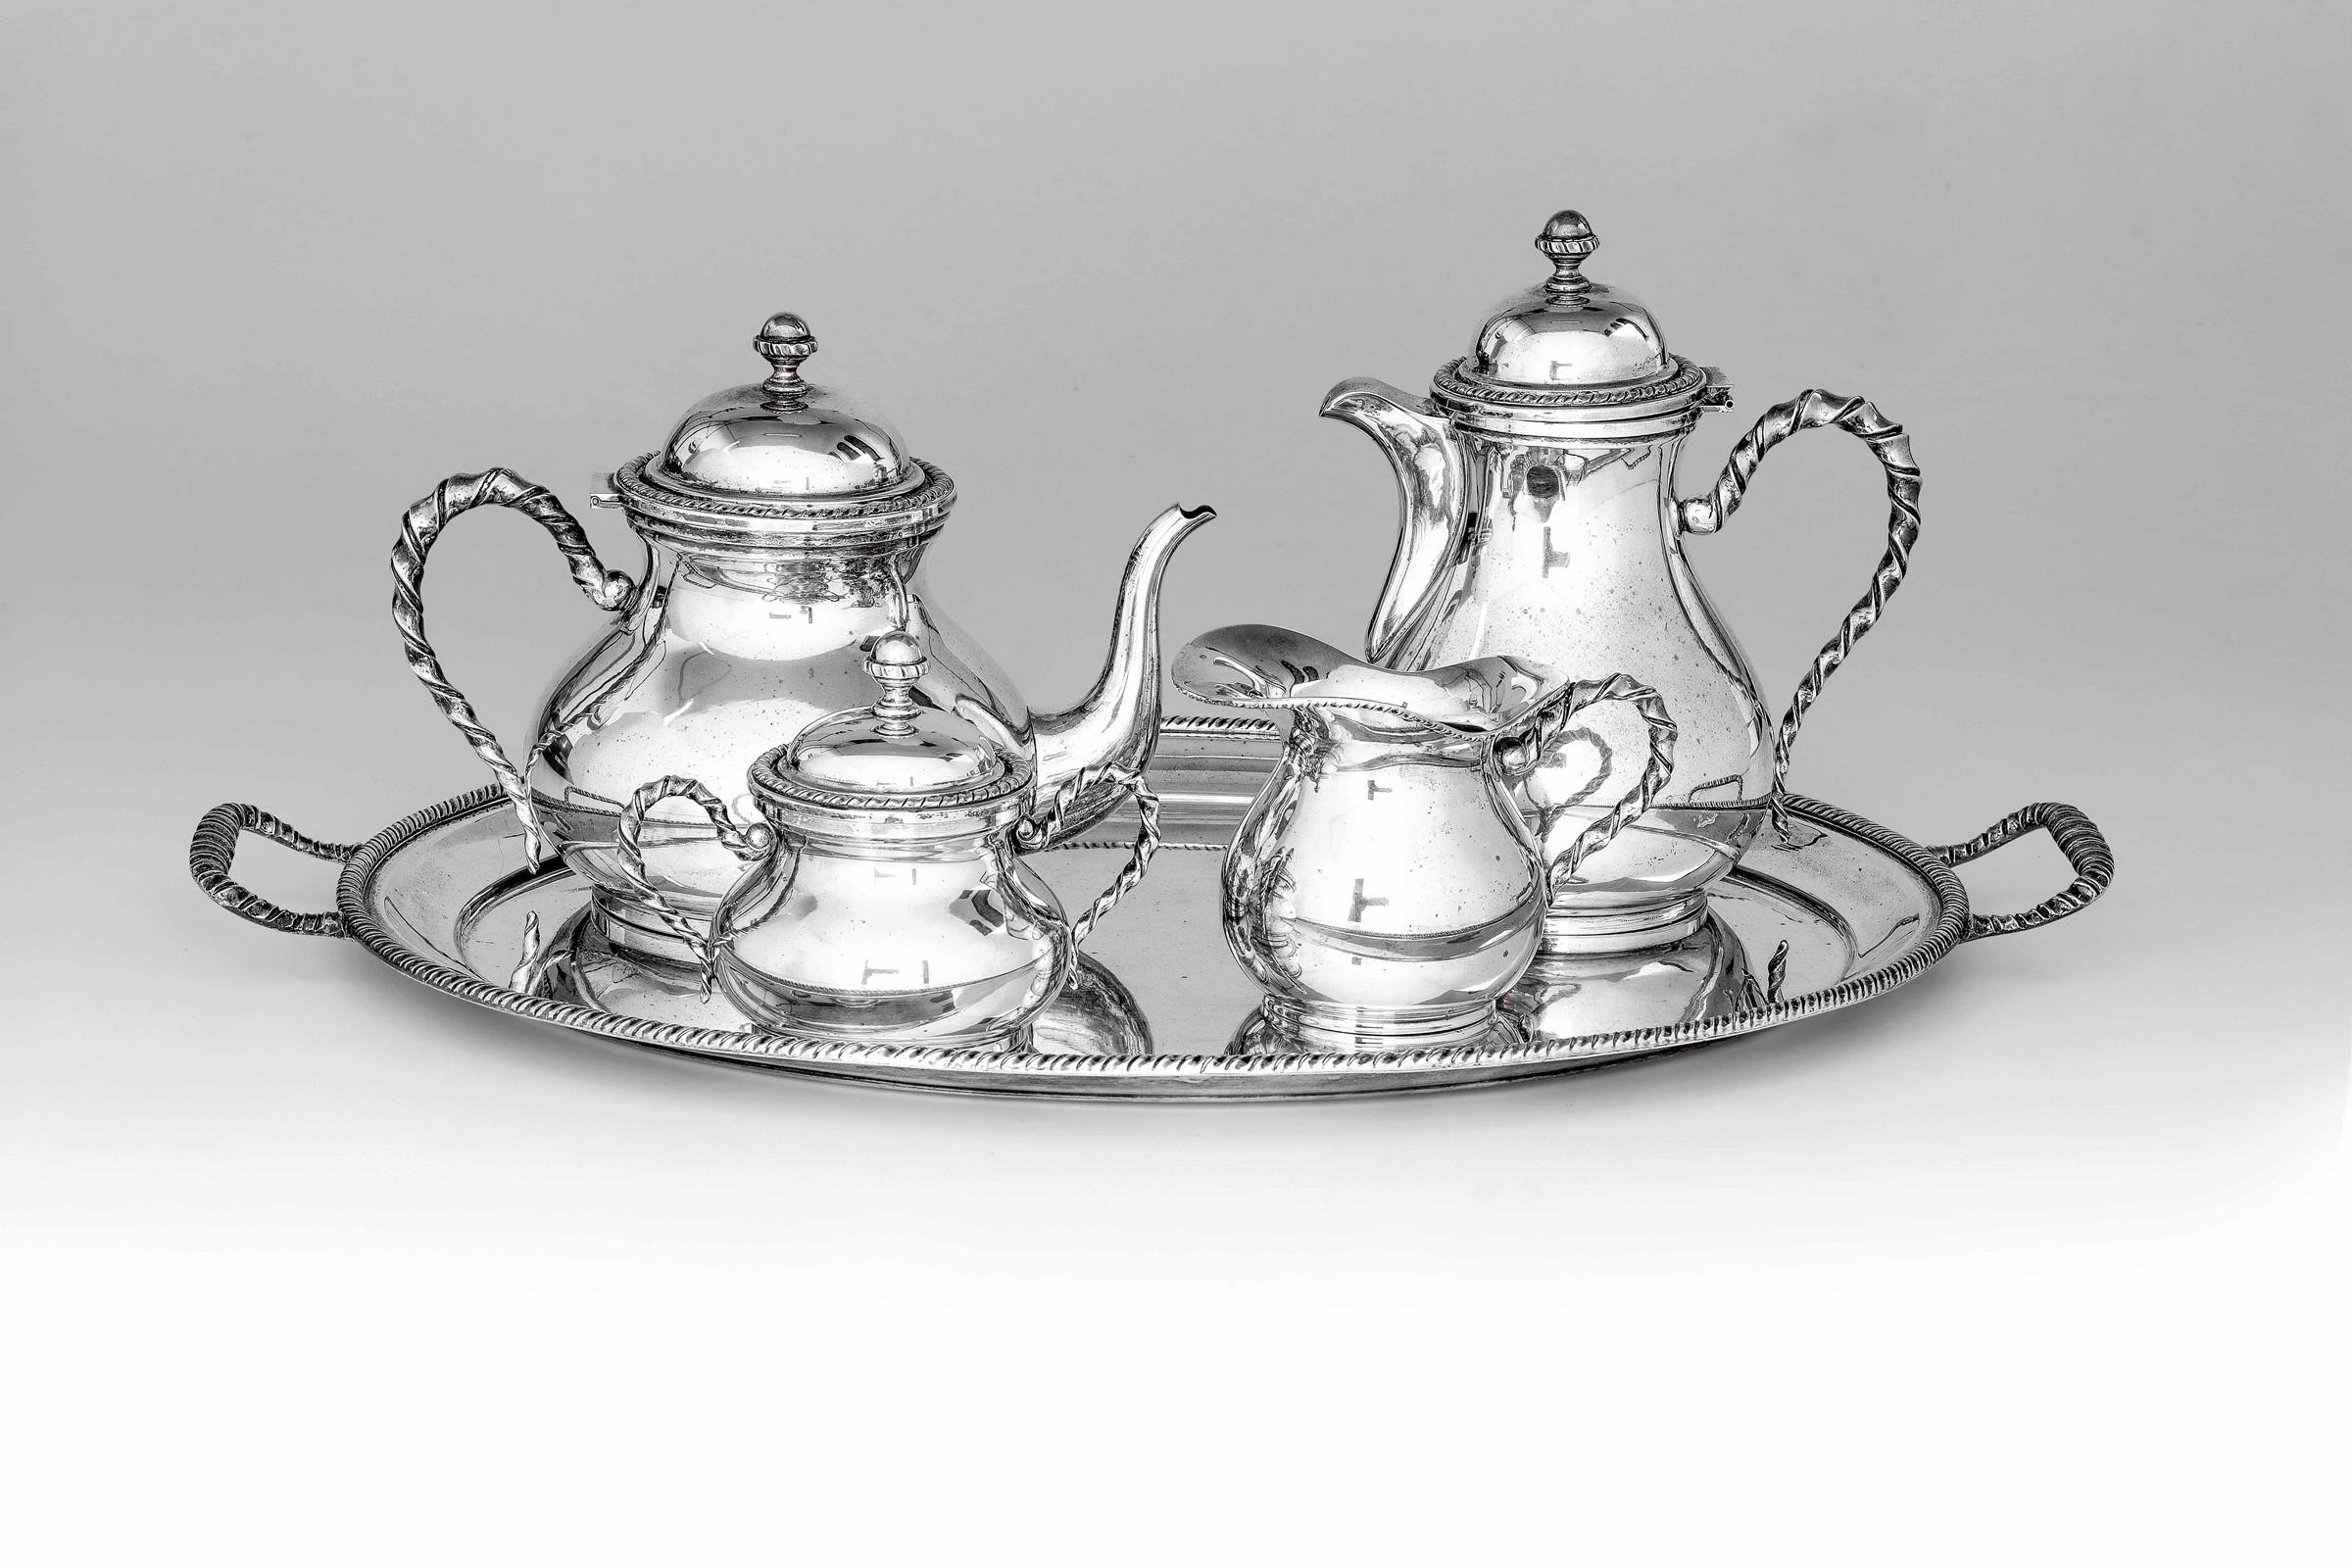 Servizio da tè in argento composto da vassoio, teiera, caffettiera, lattiera e [...]